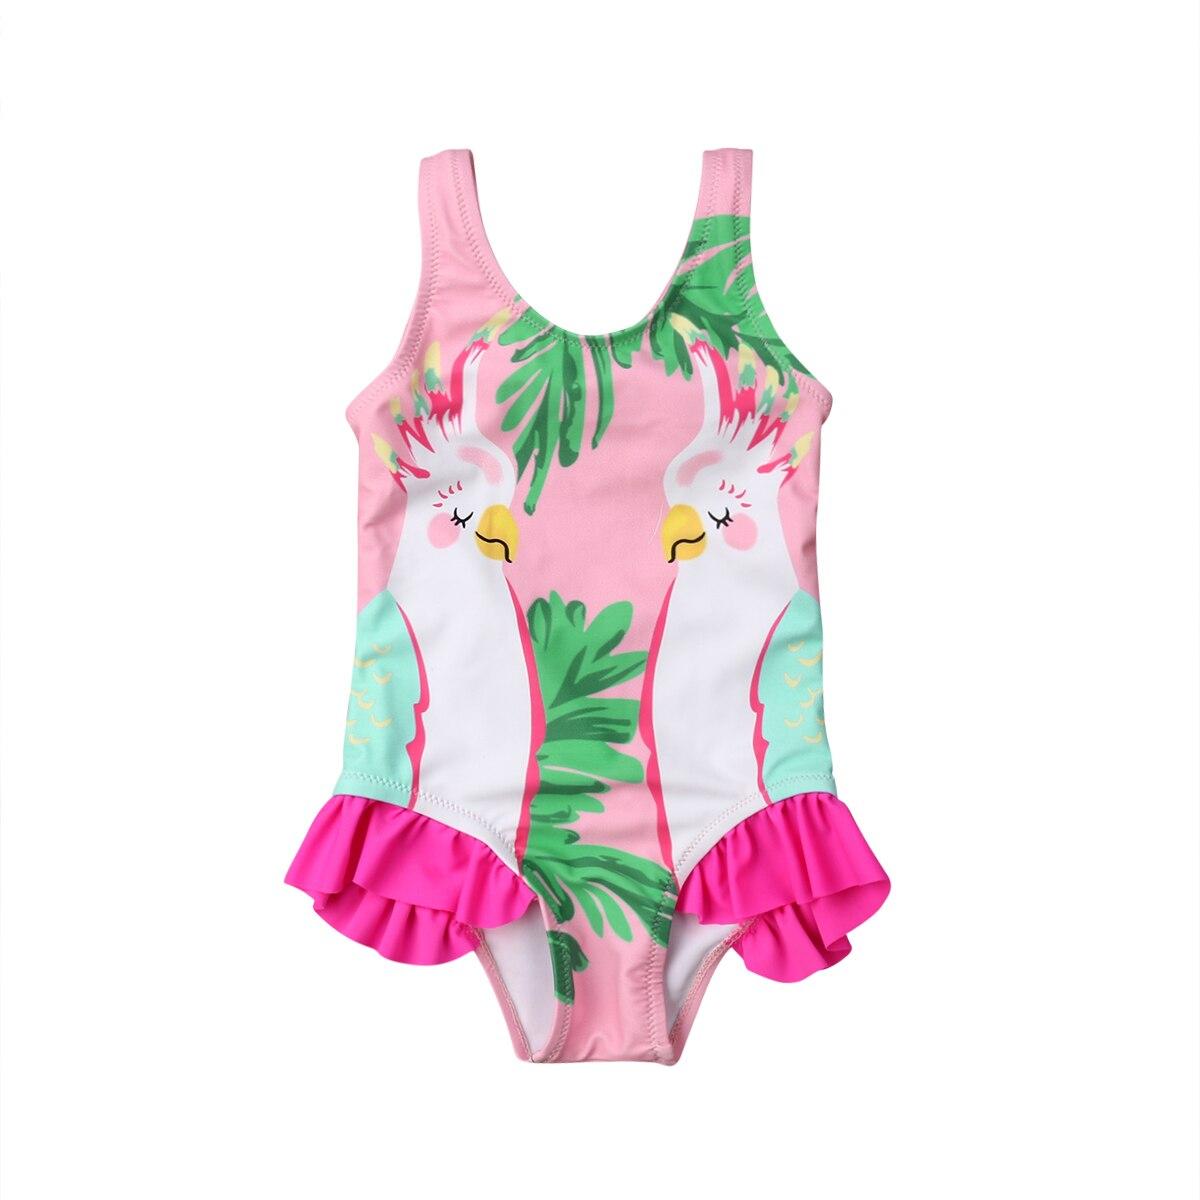 0-24M Mermaid Girl Kids Swimsuit Cartoon Bathing Suit Print Children Swimwear Bikini Tankini Baby Girl Summer Swimming Costume